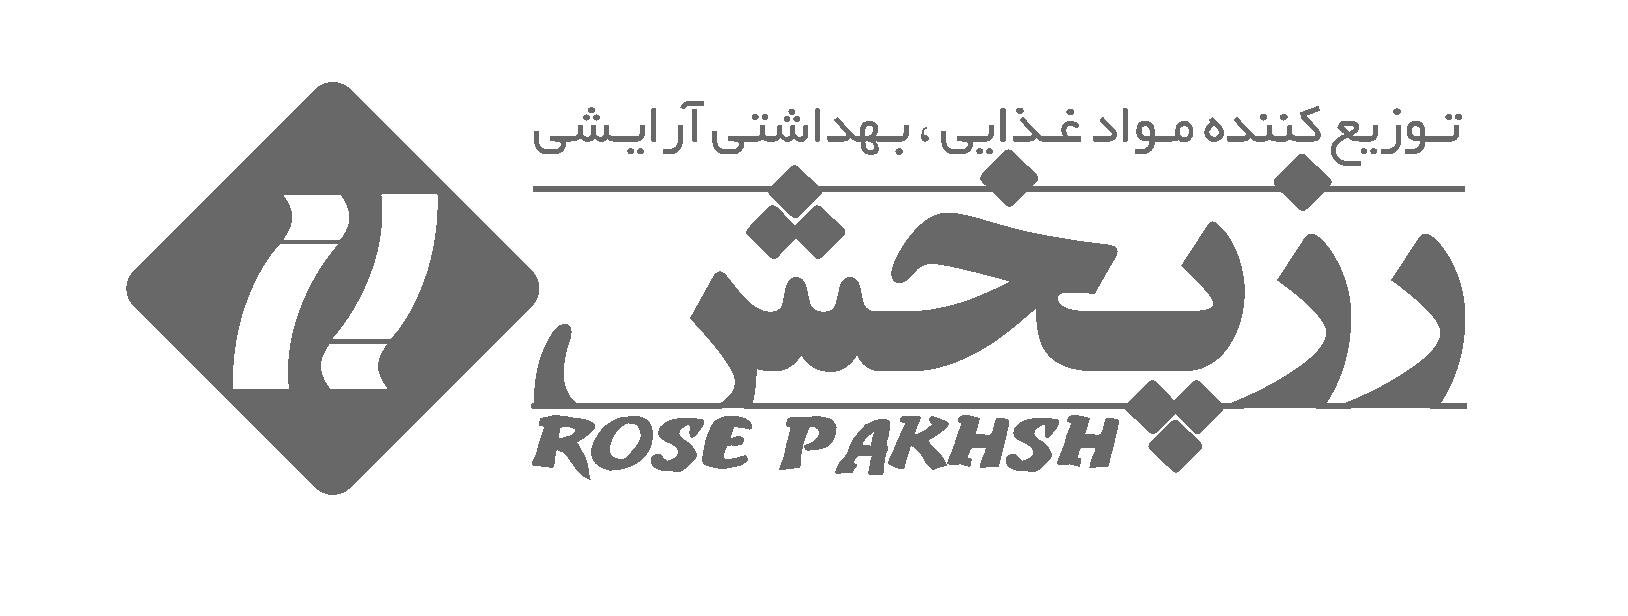 RosePakhsh